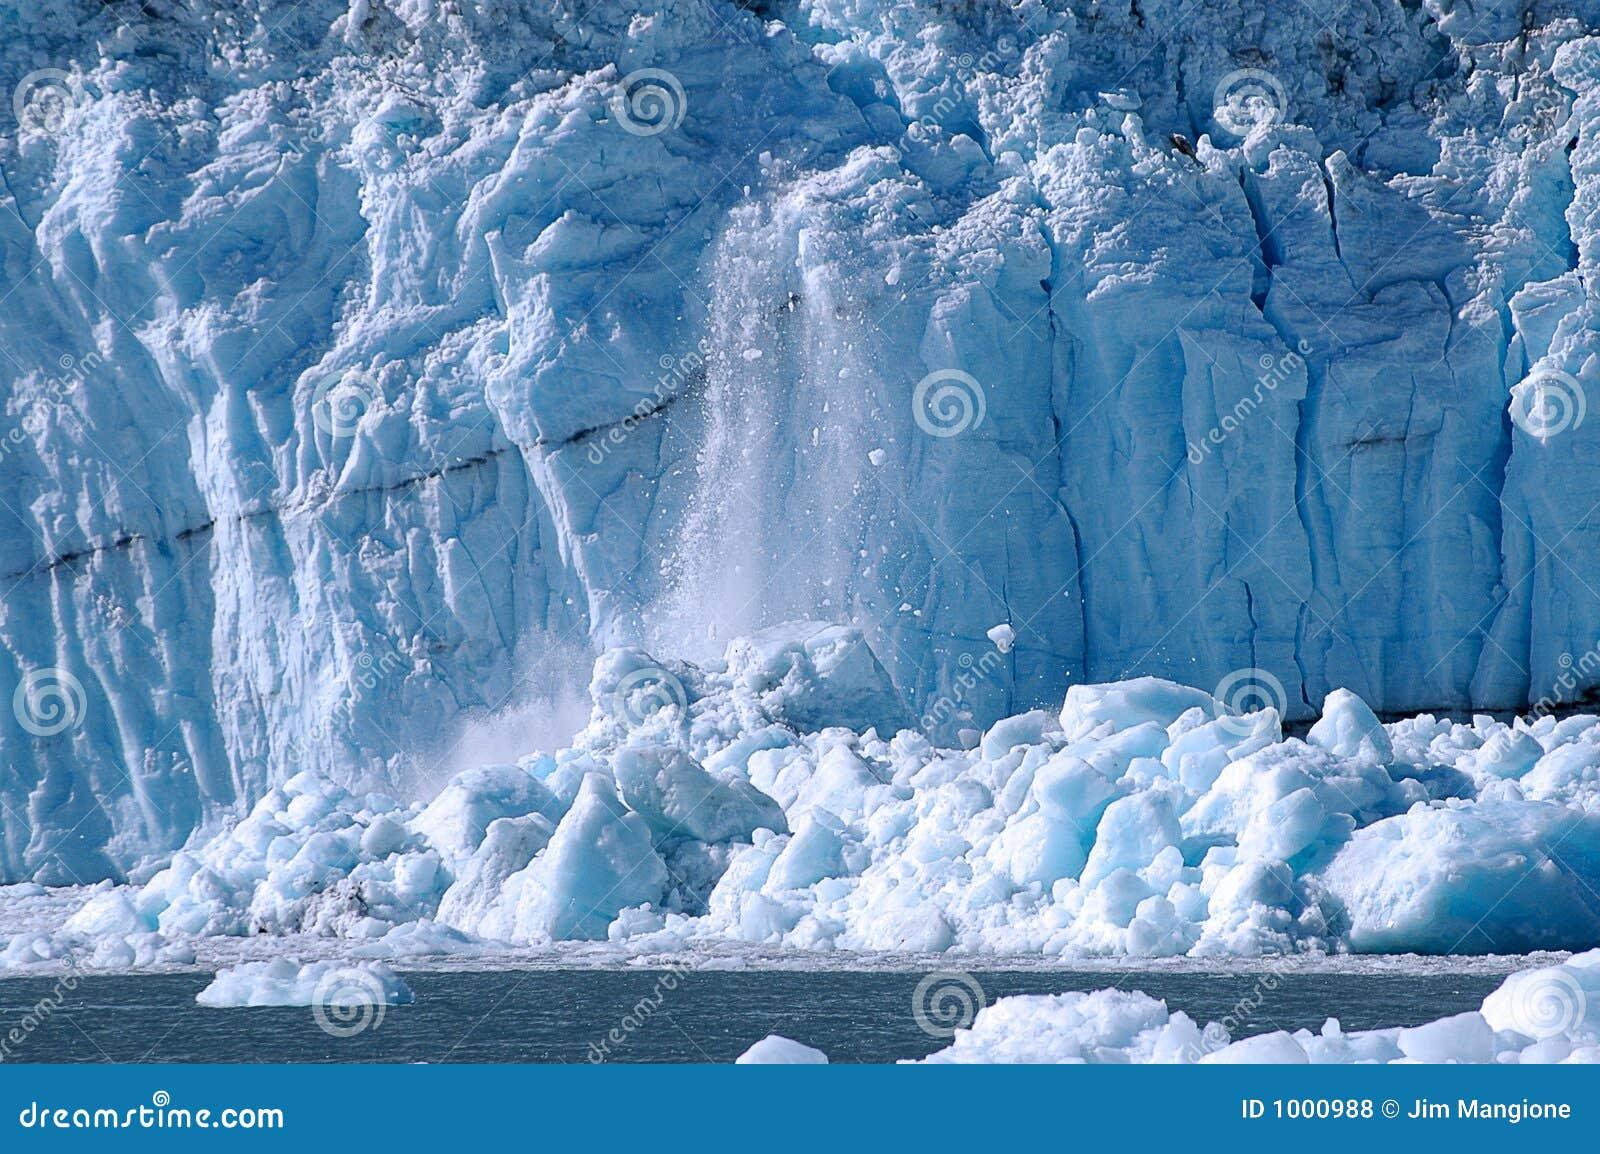 Ice Calving At Glacier Bay